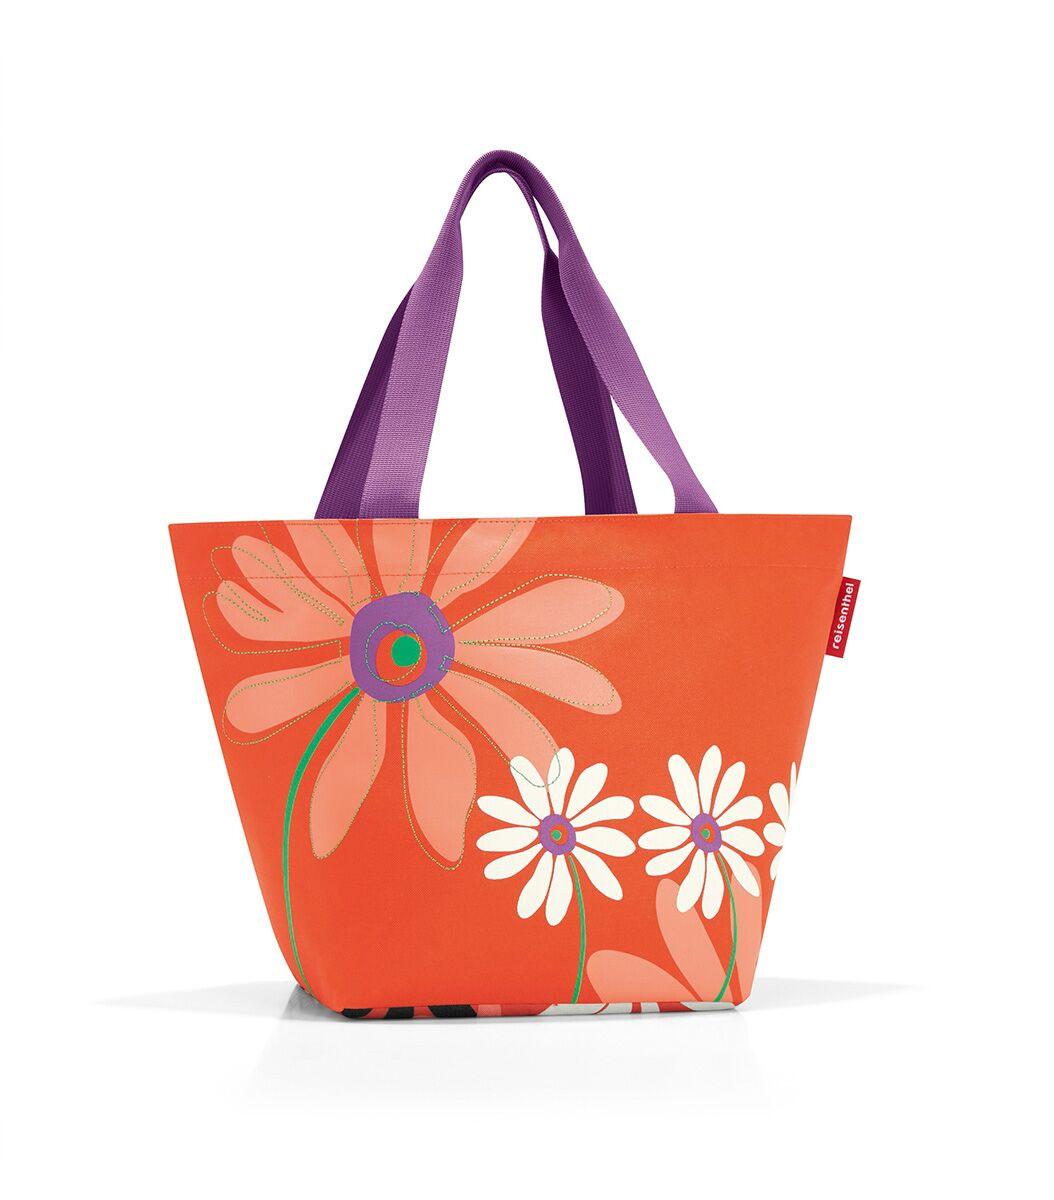 Сумка женская Reisenthel, цвет: оранжевый, мультиколор. ZS404323008Вместительная женская сумка Reisenthel, изготовленная из текстиля, оформлена оригинальным принтом и вышивкой. Сумка имеет одно отделение, которое закрывается на застежку-молнию. Внутри расположен нашивной карман на застежке-молнии. Сумка оснащена двумя длинными ручками.